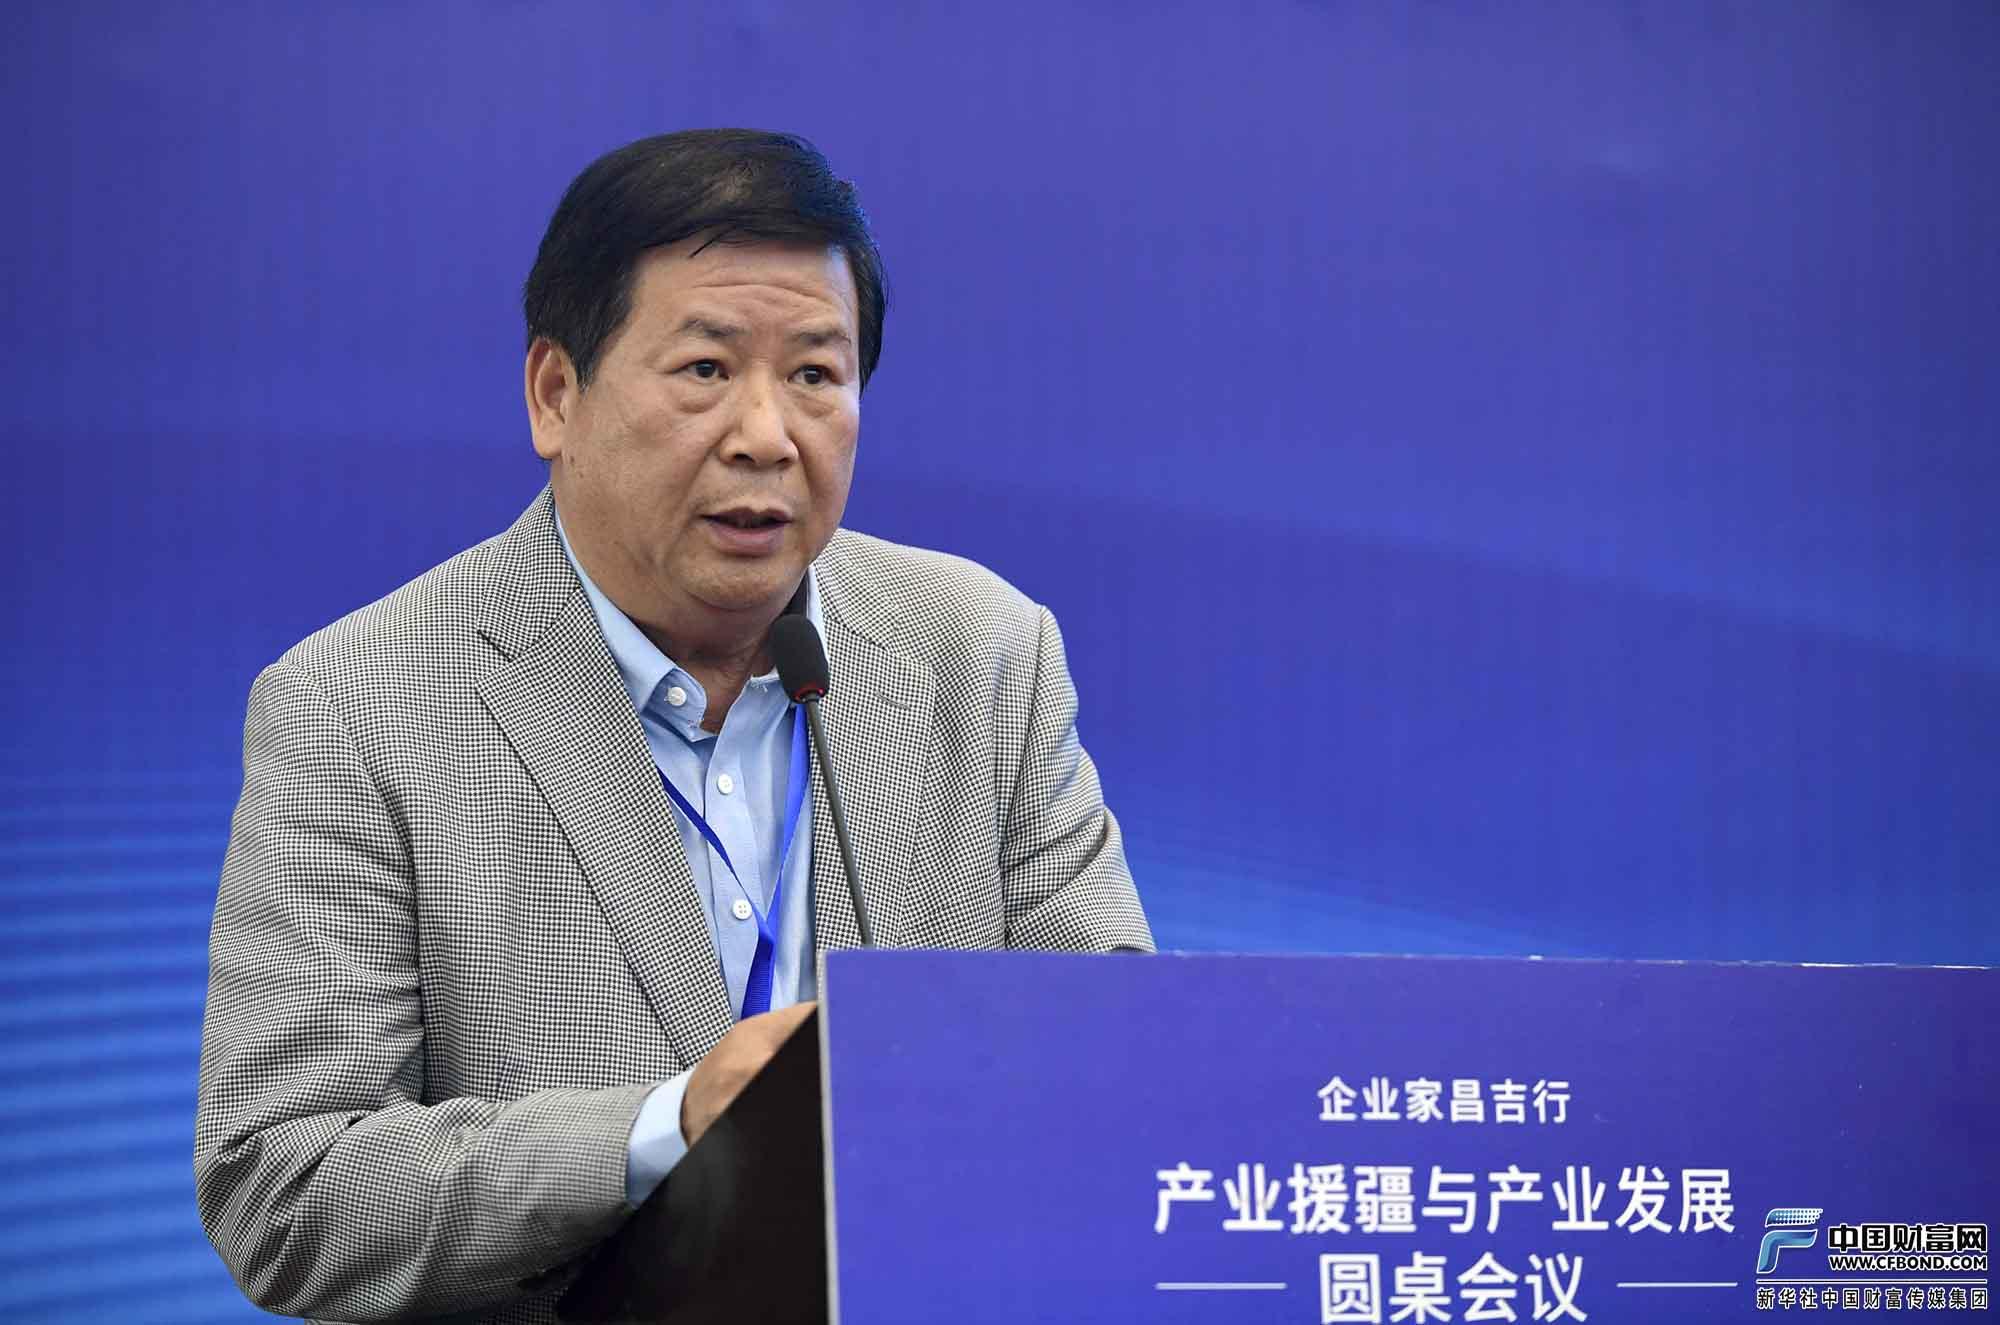 北京厦门商会会长蒋清林发言